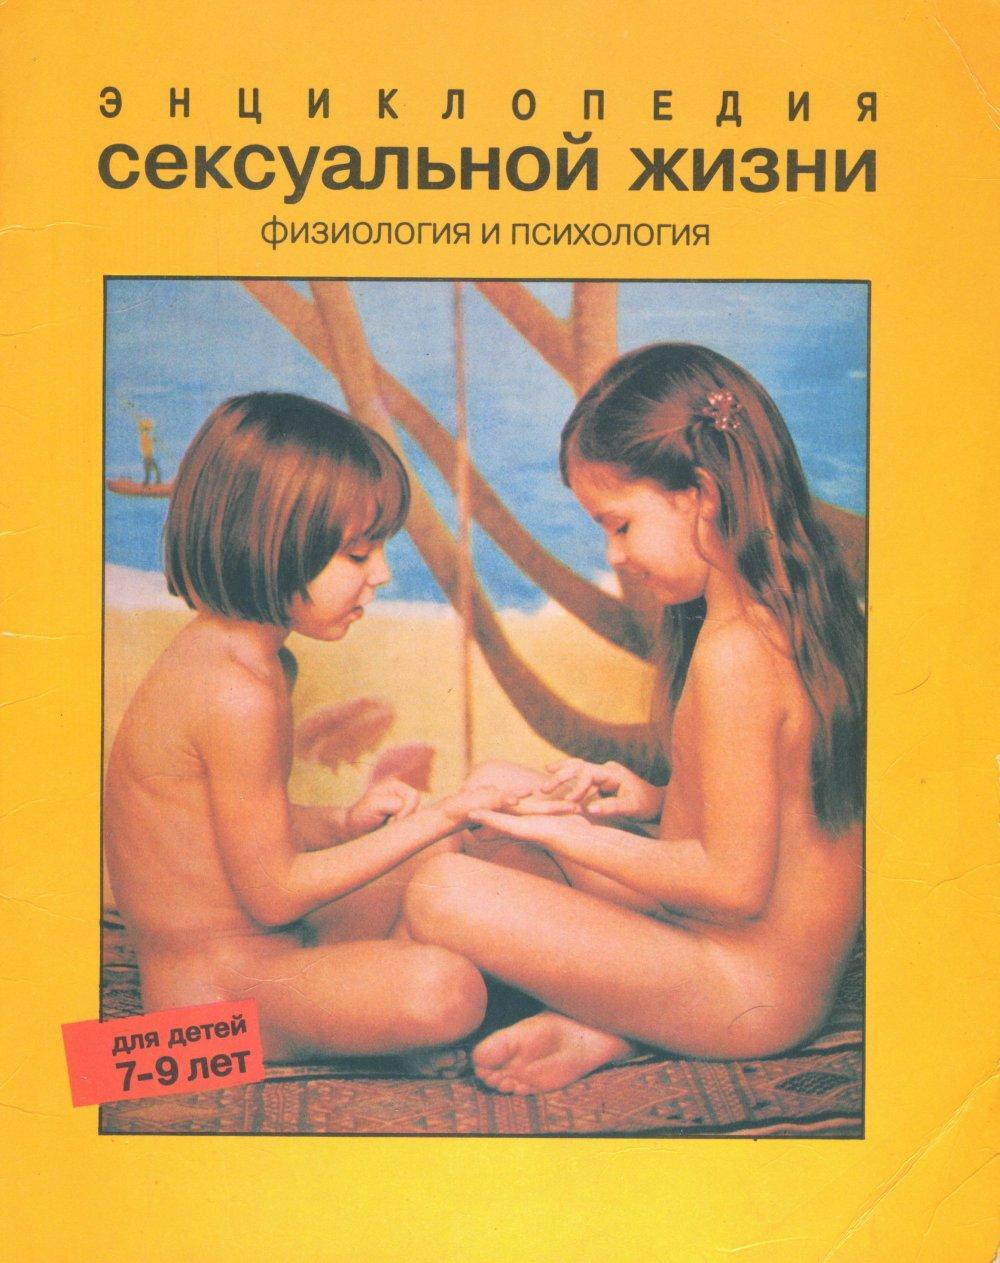 Секс в рассказах и романах 19 фотография